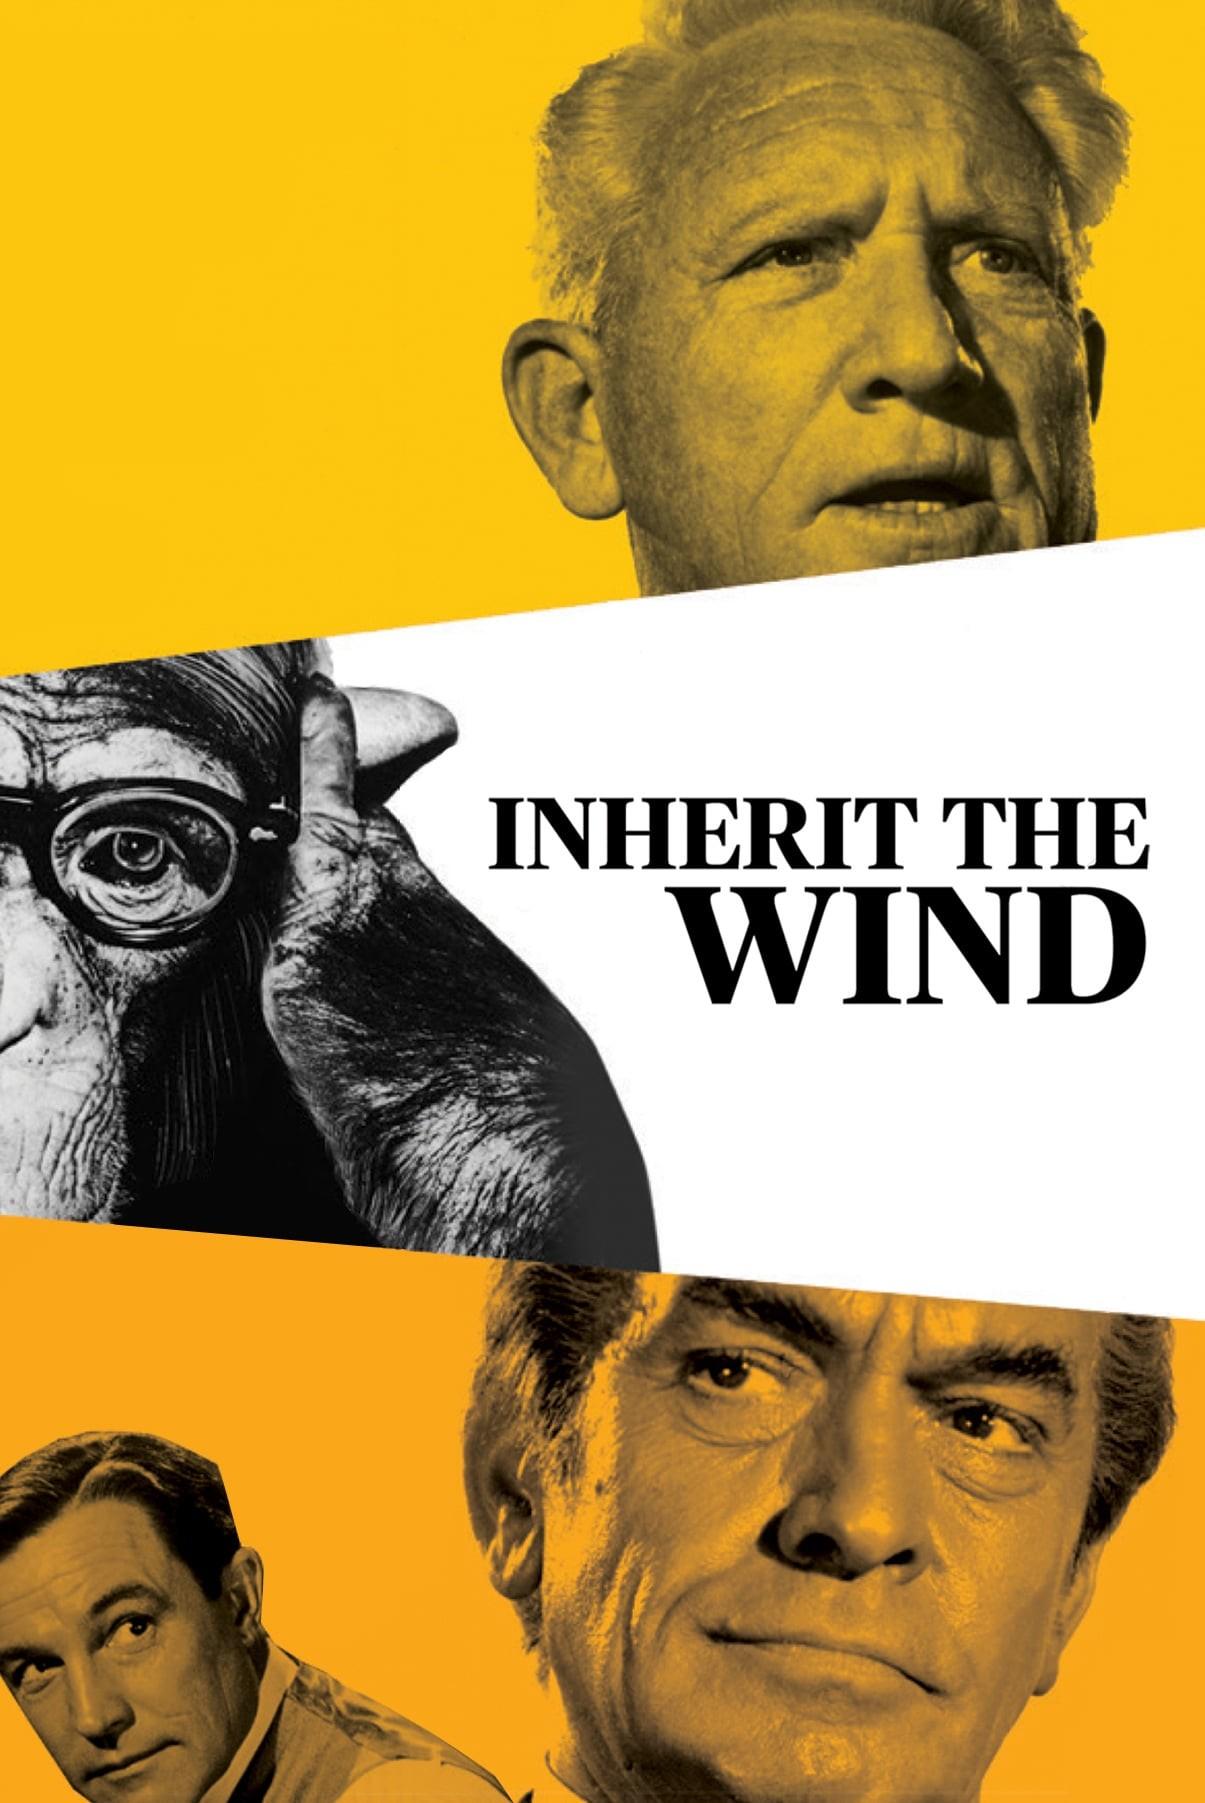 Watch Inherit The Wind Free Online